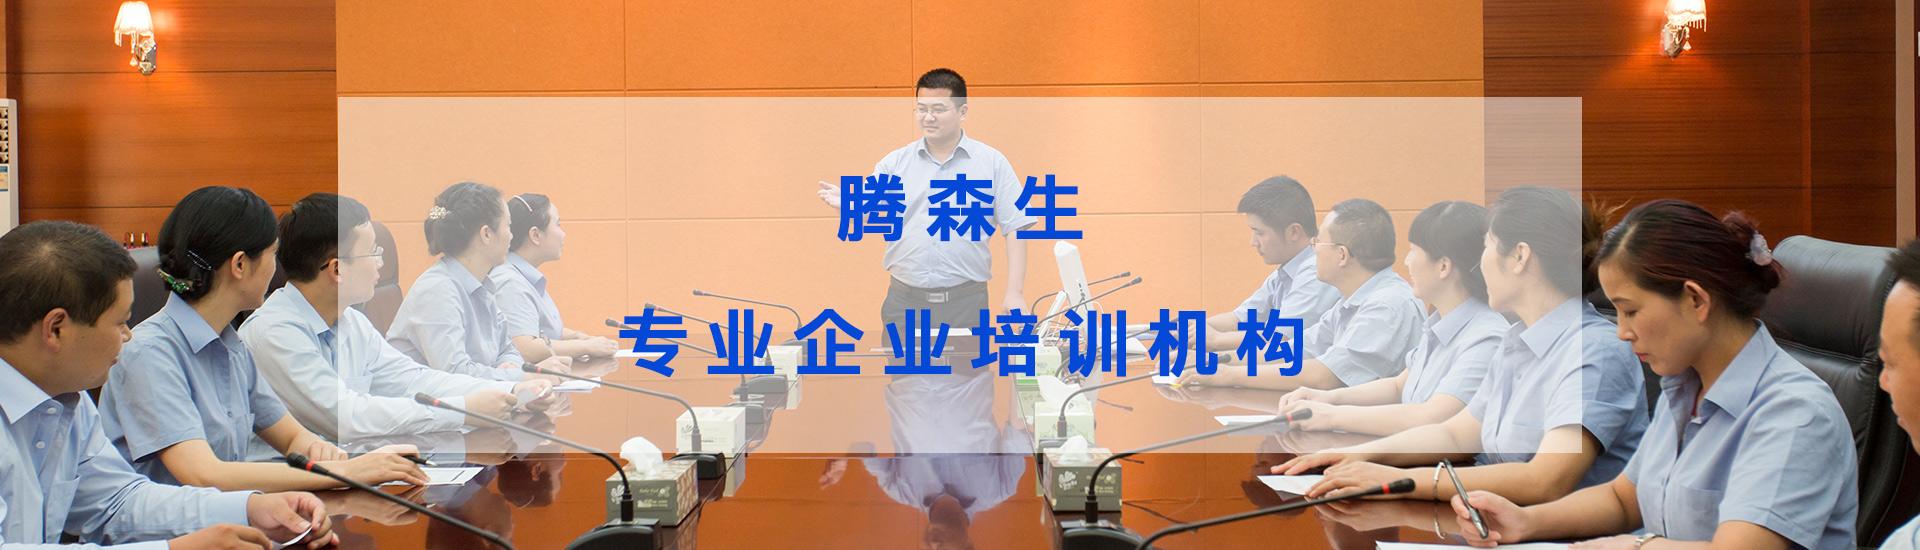 广州财税咨询